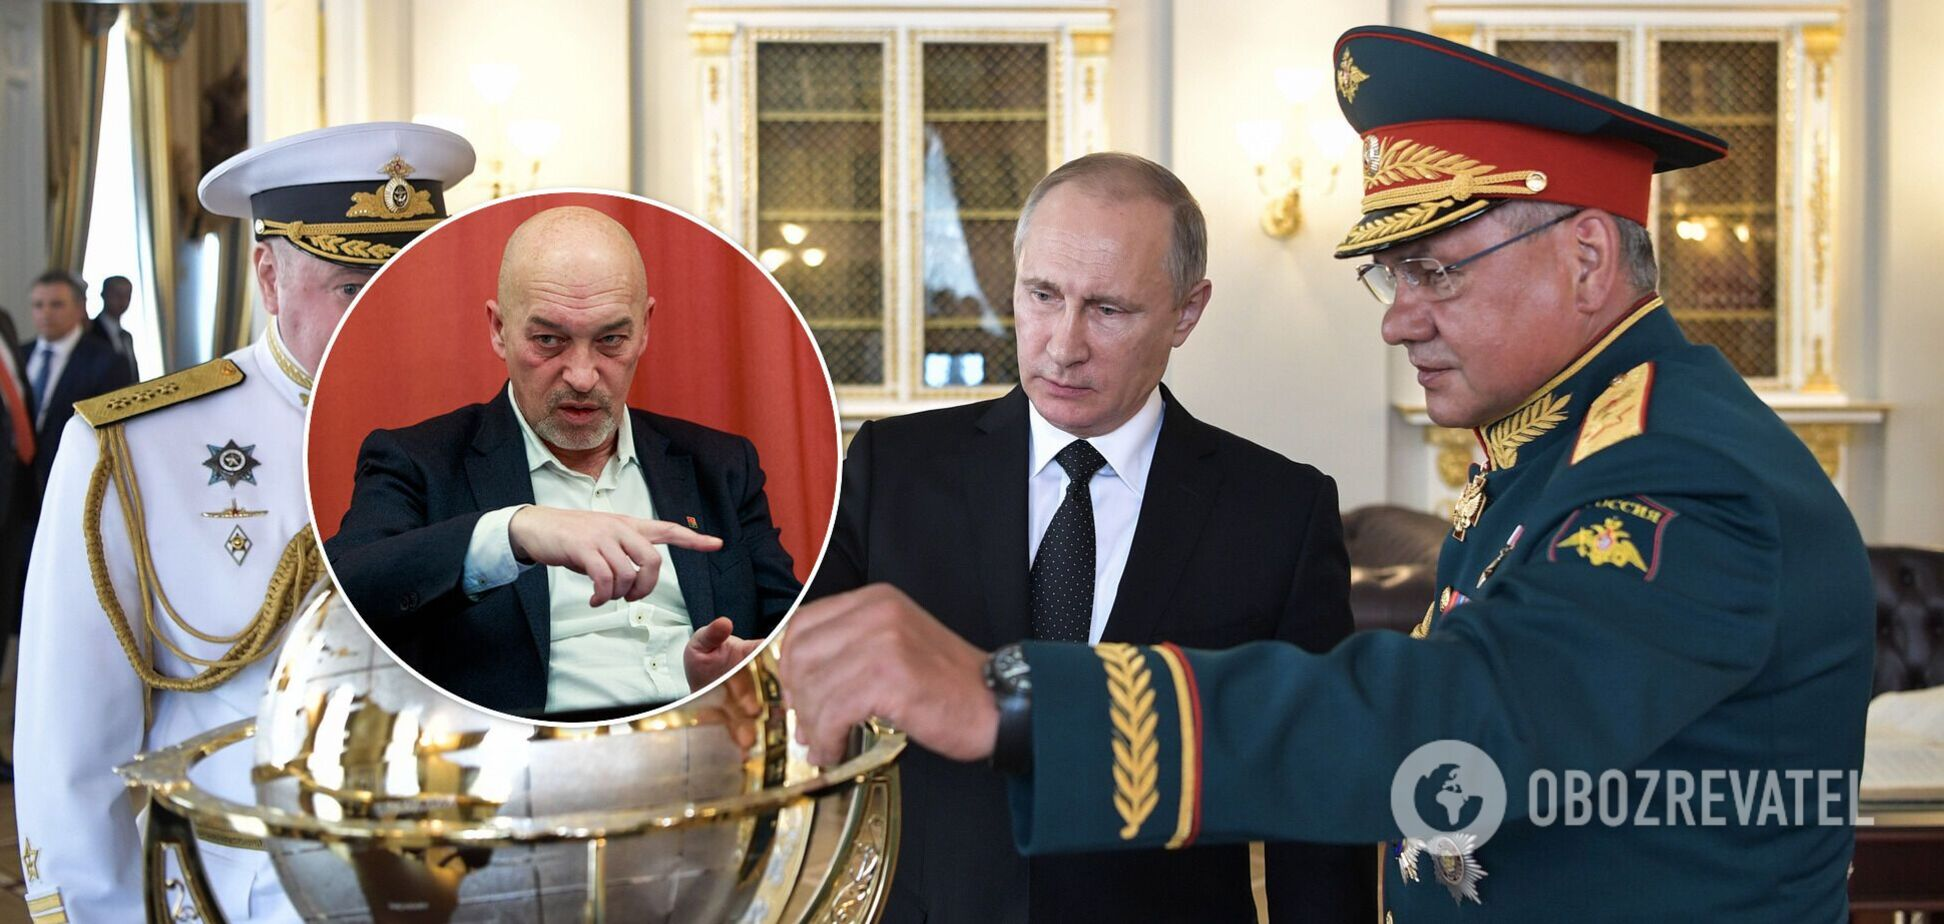 Зачем Кремль вбрасывает на Донбасс 900 млрд: объяснение Туки